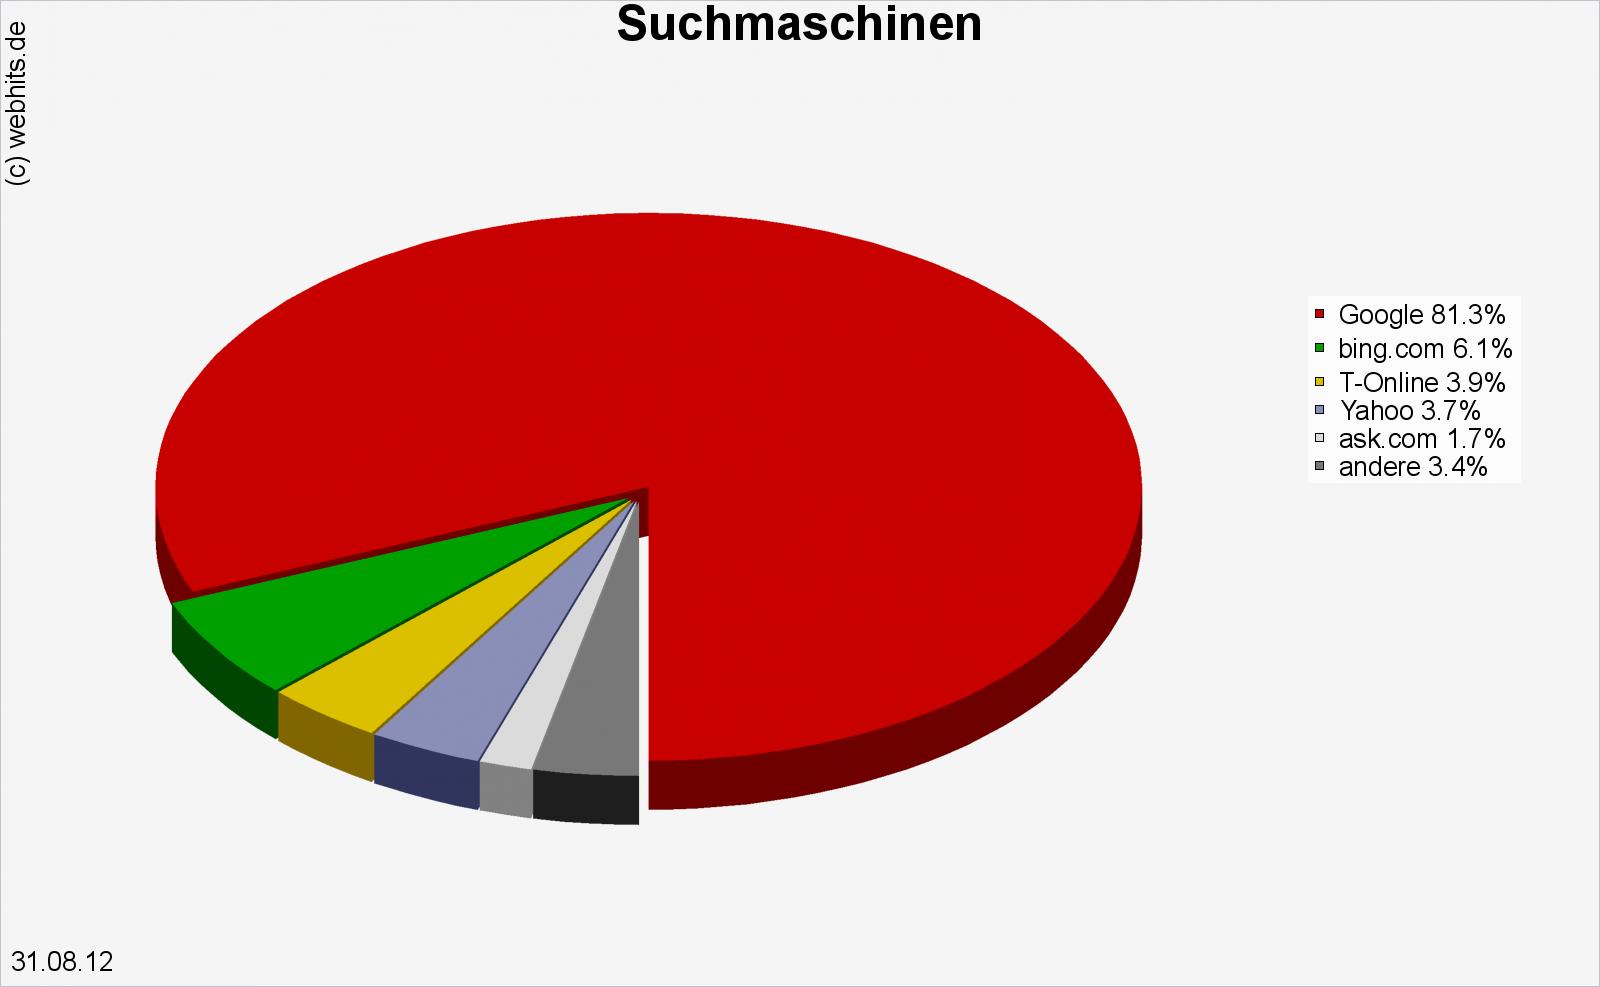 Marktanteile Suchmaschinen August 2012